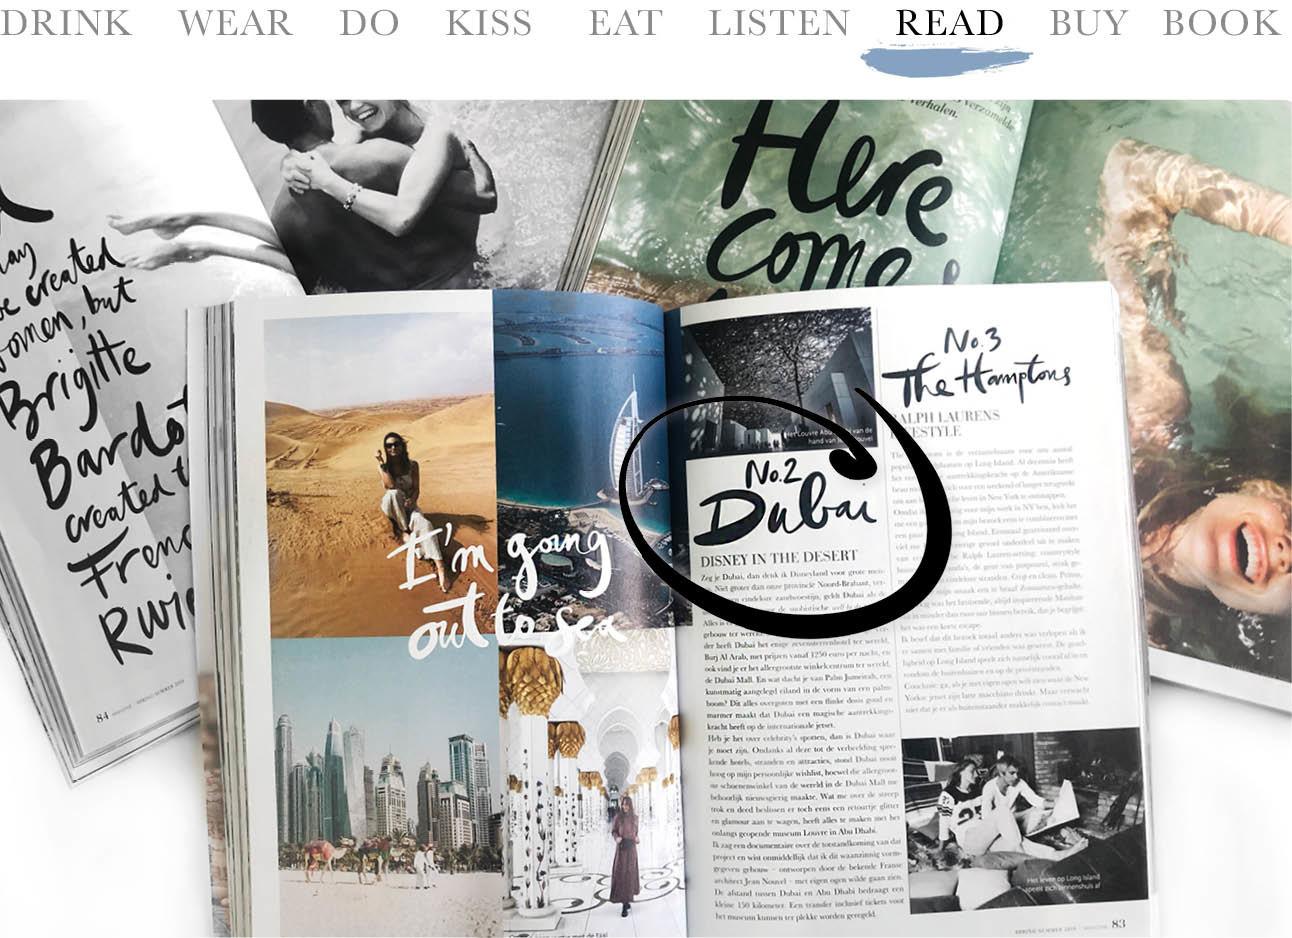 today we read het magazine van amayzine. meerder magazines liggen open geslagen op tafel